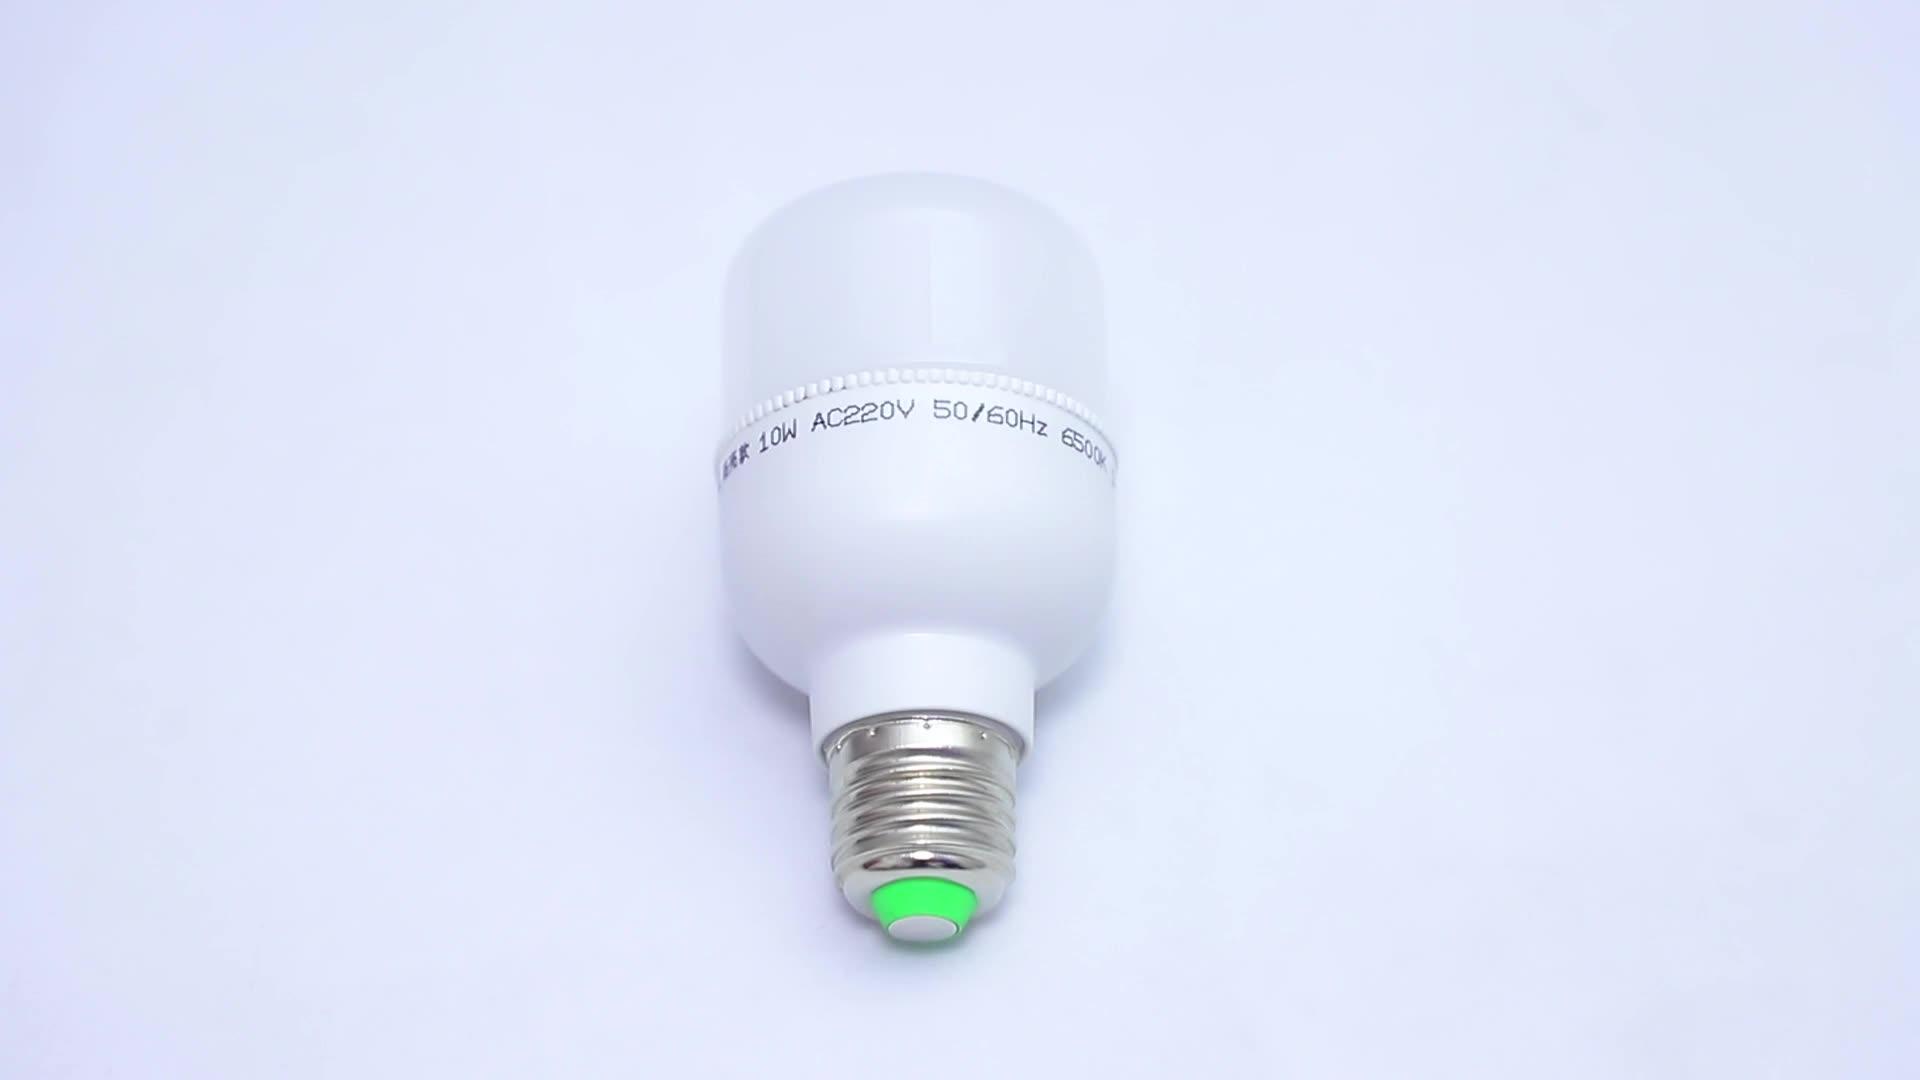 E27 B22 Cơ Sở T Hình Dạng Tiết Kiệm Năng Lượng Đèn T140 T-Bóng Đèn Nhà Ở T-Hình 10 W 15 W 20 W 30 W 40 W 50 W Led T Bóng Đèn SMD Trung Quốc Dẫn Ánh Sáng Bóng Đèn